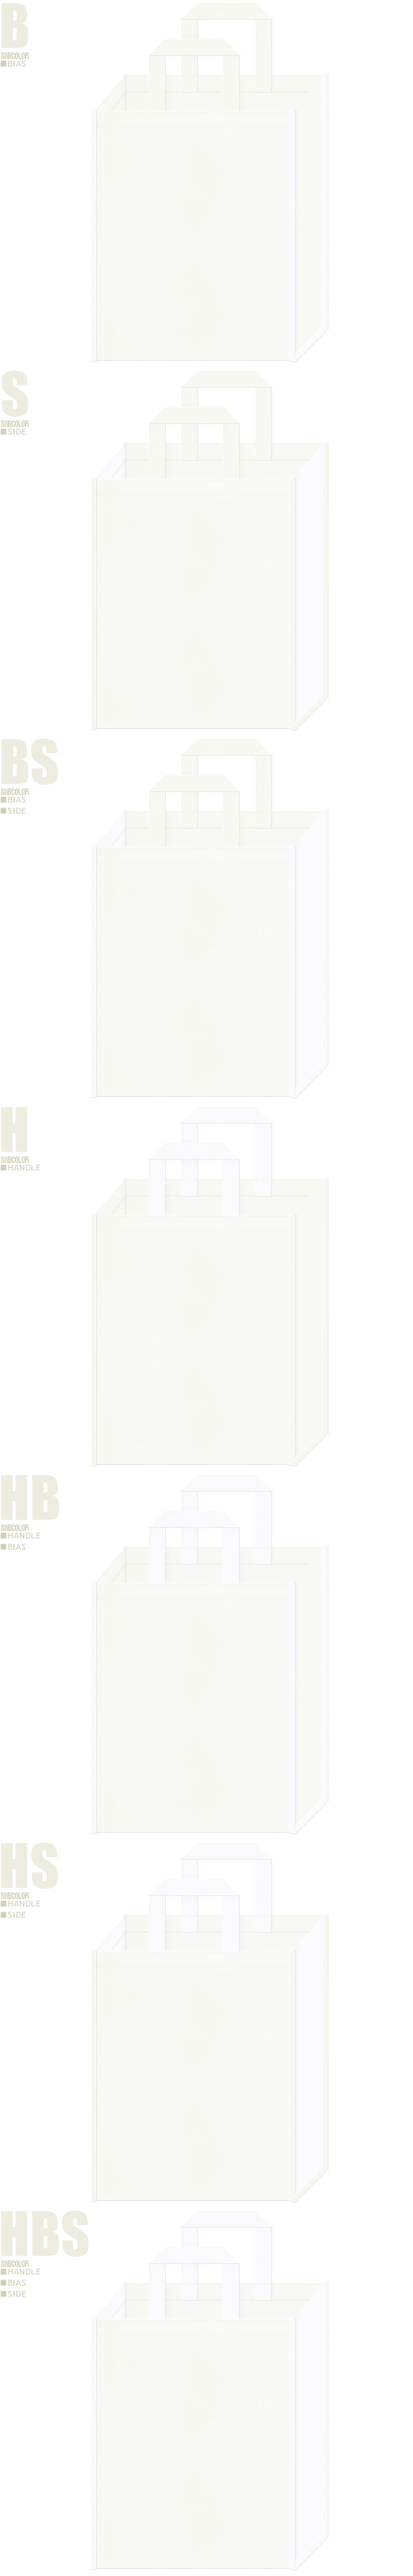 練乳・バニラ・ミルク・雪祭り・ワイシャツ・ワンピース・ウェディングドレス・鶴・白鳥・バレエ・白寿のお祝いにお奨めの不織布バッグデザイン:オフホワイト色と白色の不織布バッグ配色7パターン